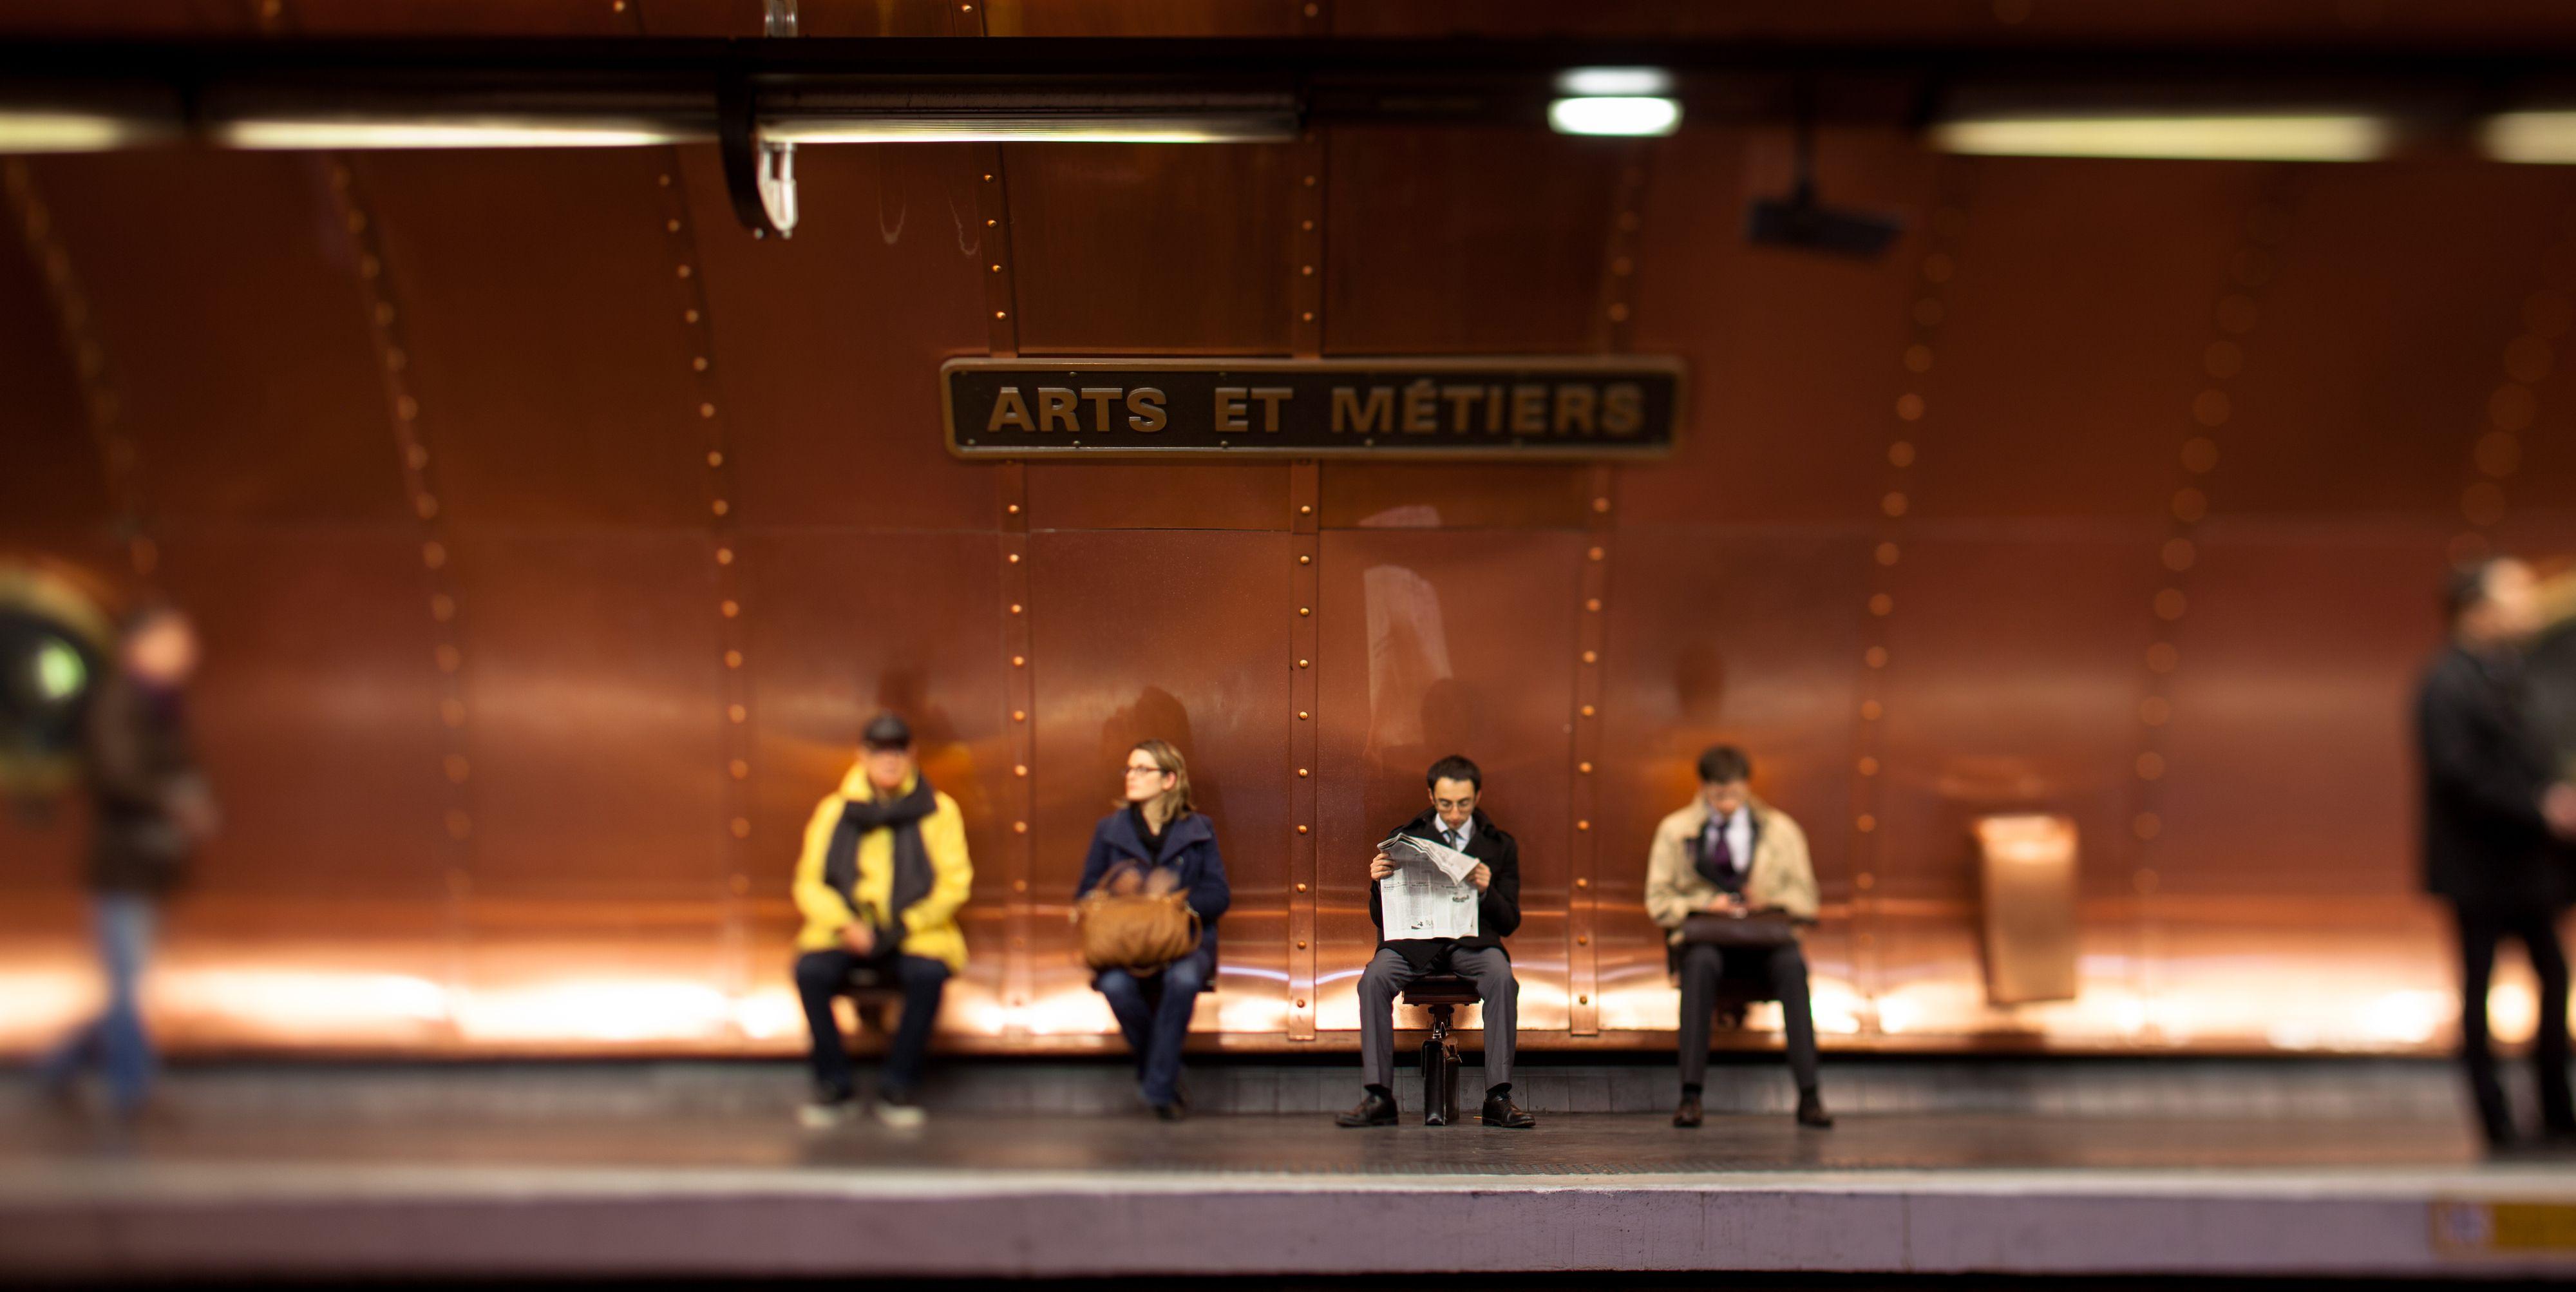 Las estaciones de metro más impresionantes del mundo